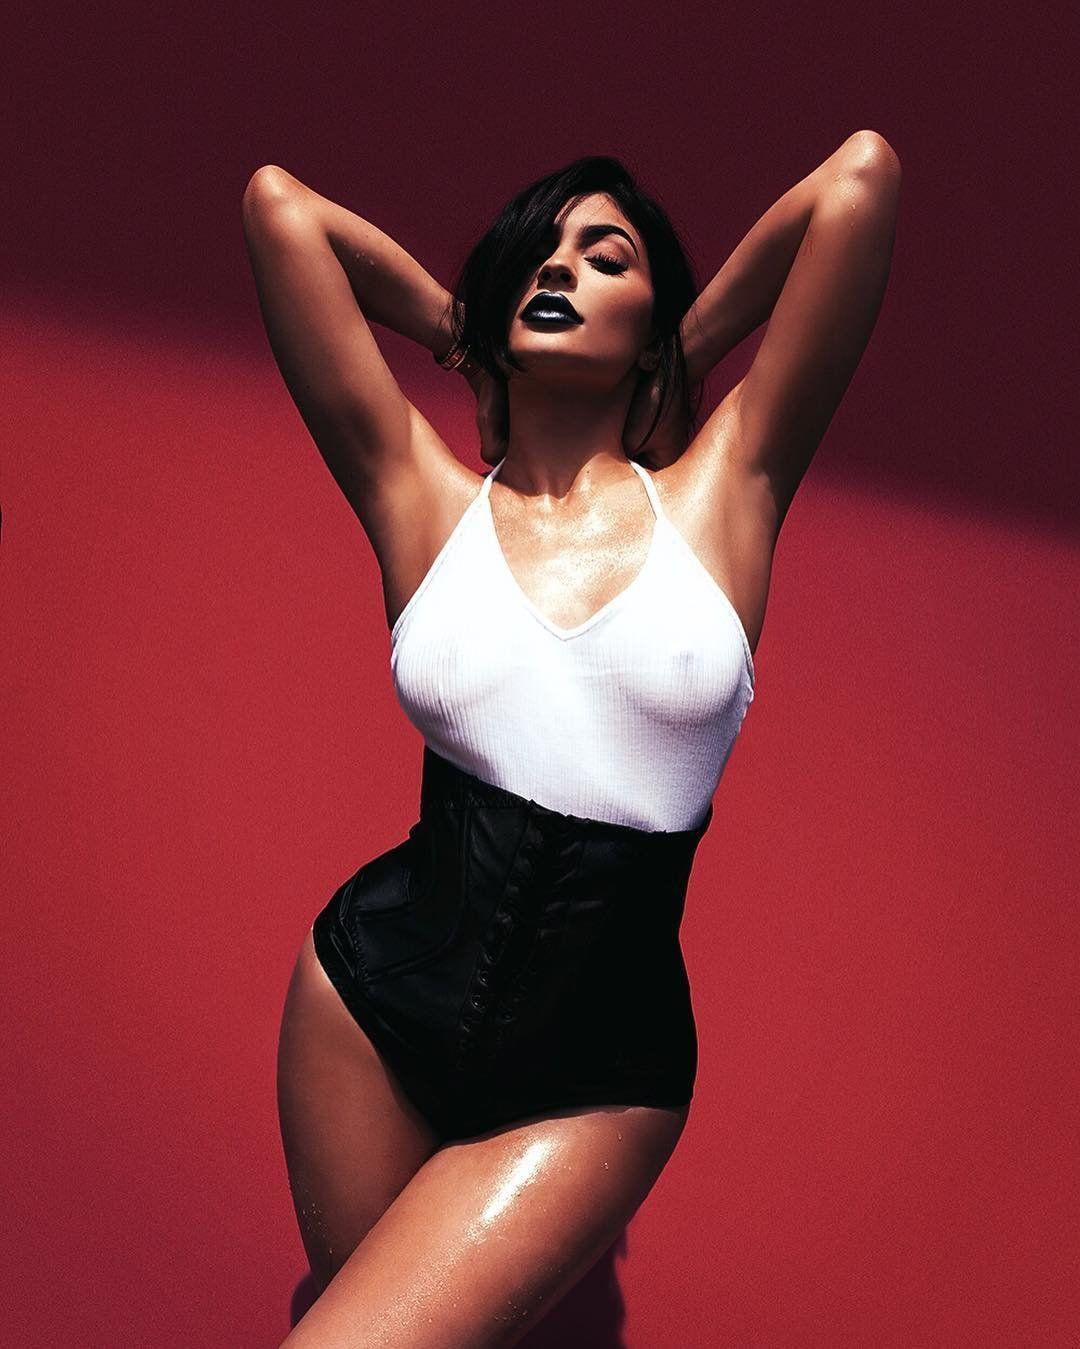 TheFappening Jene Lombardo nudes (31 photos), Ass, Sideboobs, Boobs, panties 2017